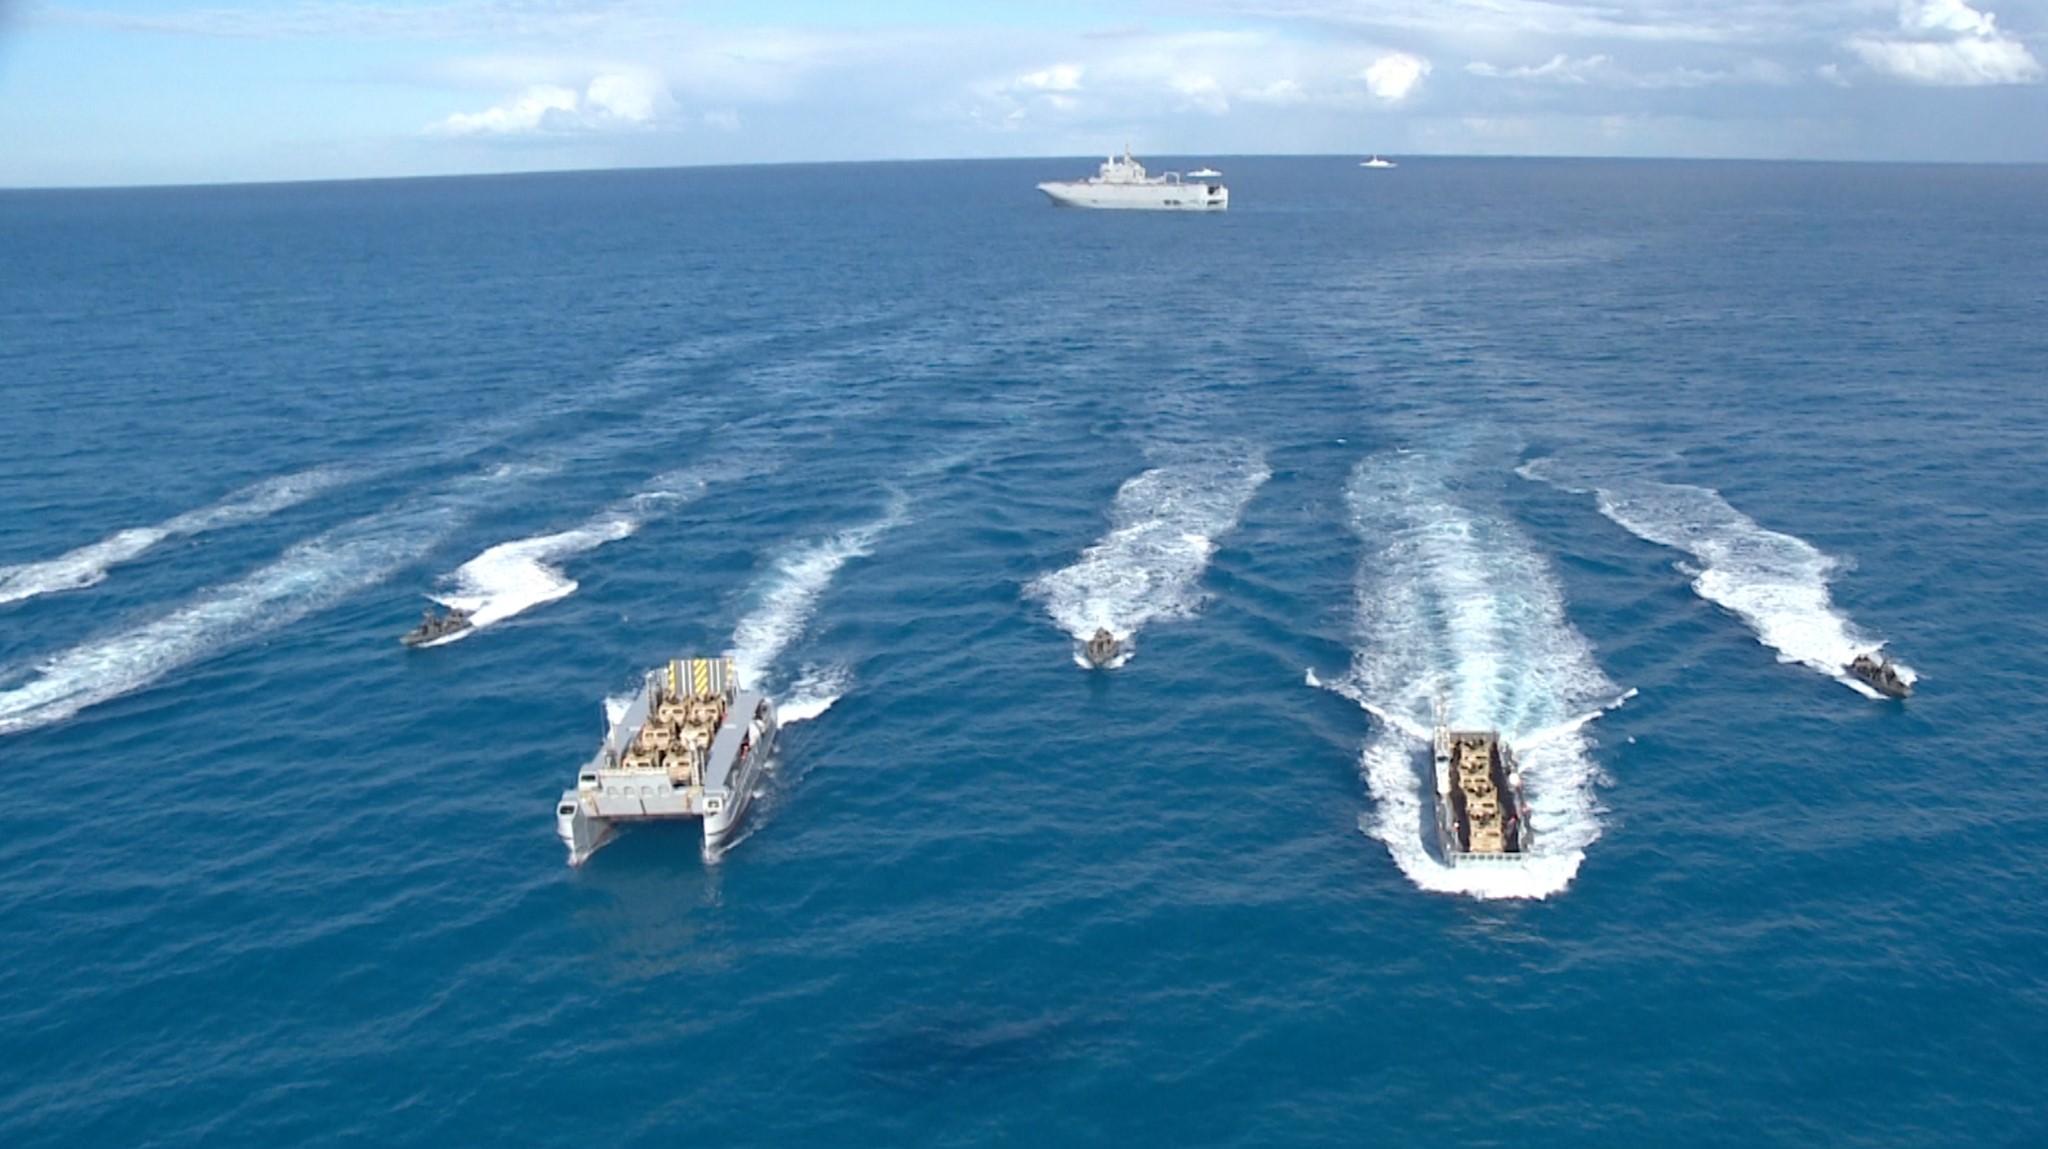 القوات البحرية تنفذ عملية برمائية وتنفيذ عدد من الرمايات